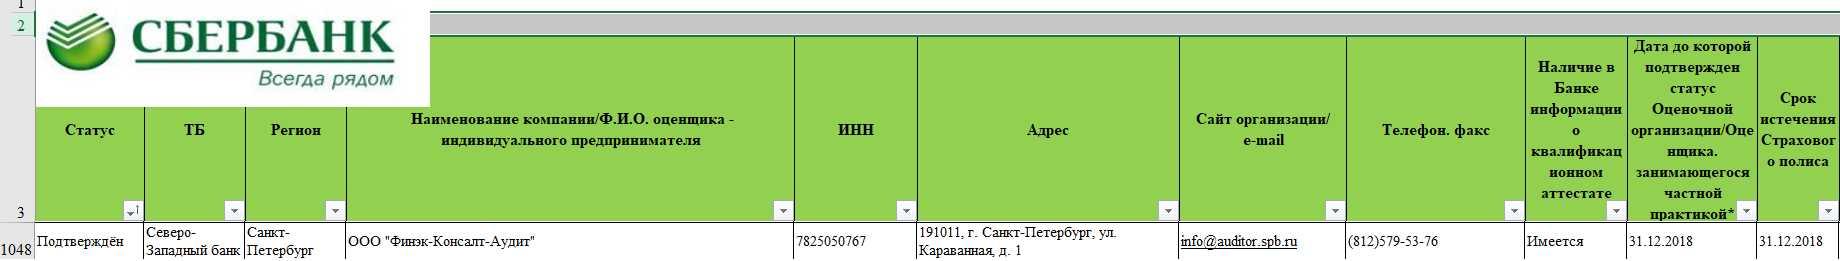 Изображение - Оценка недвижимости для ипотеки сбербанка 2019 список аккредитованных организаций, стоимость sber-list